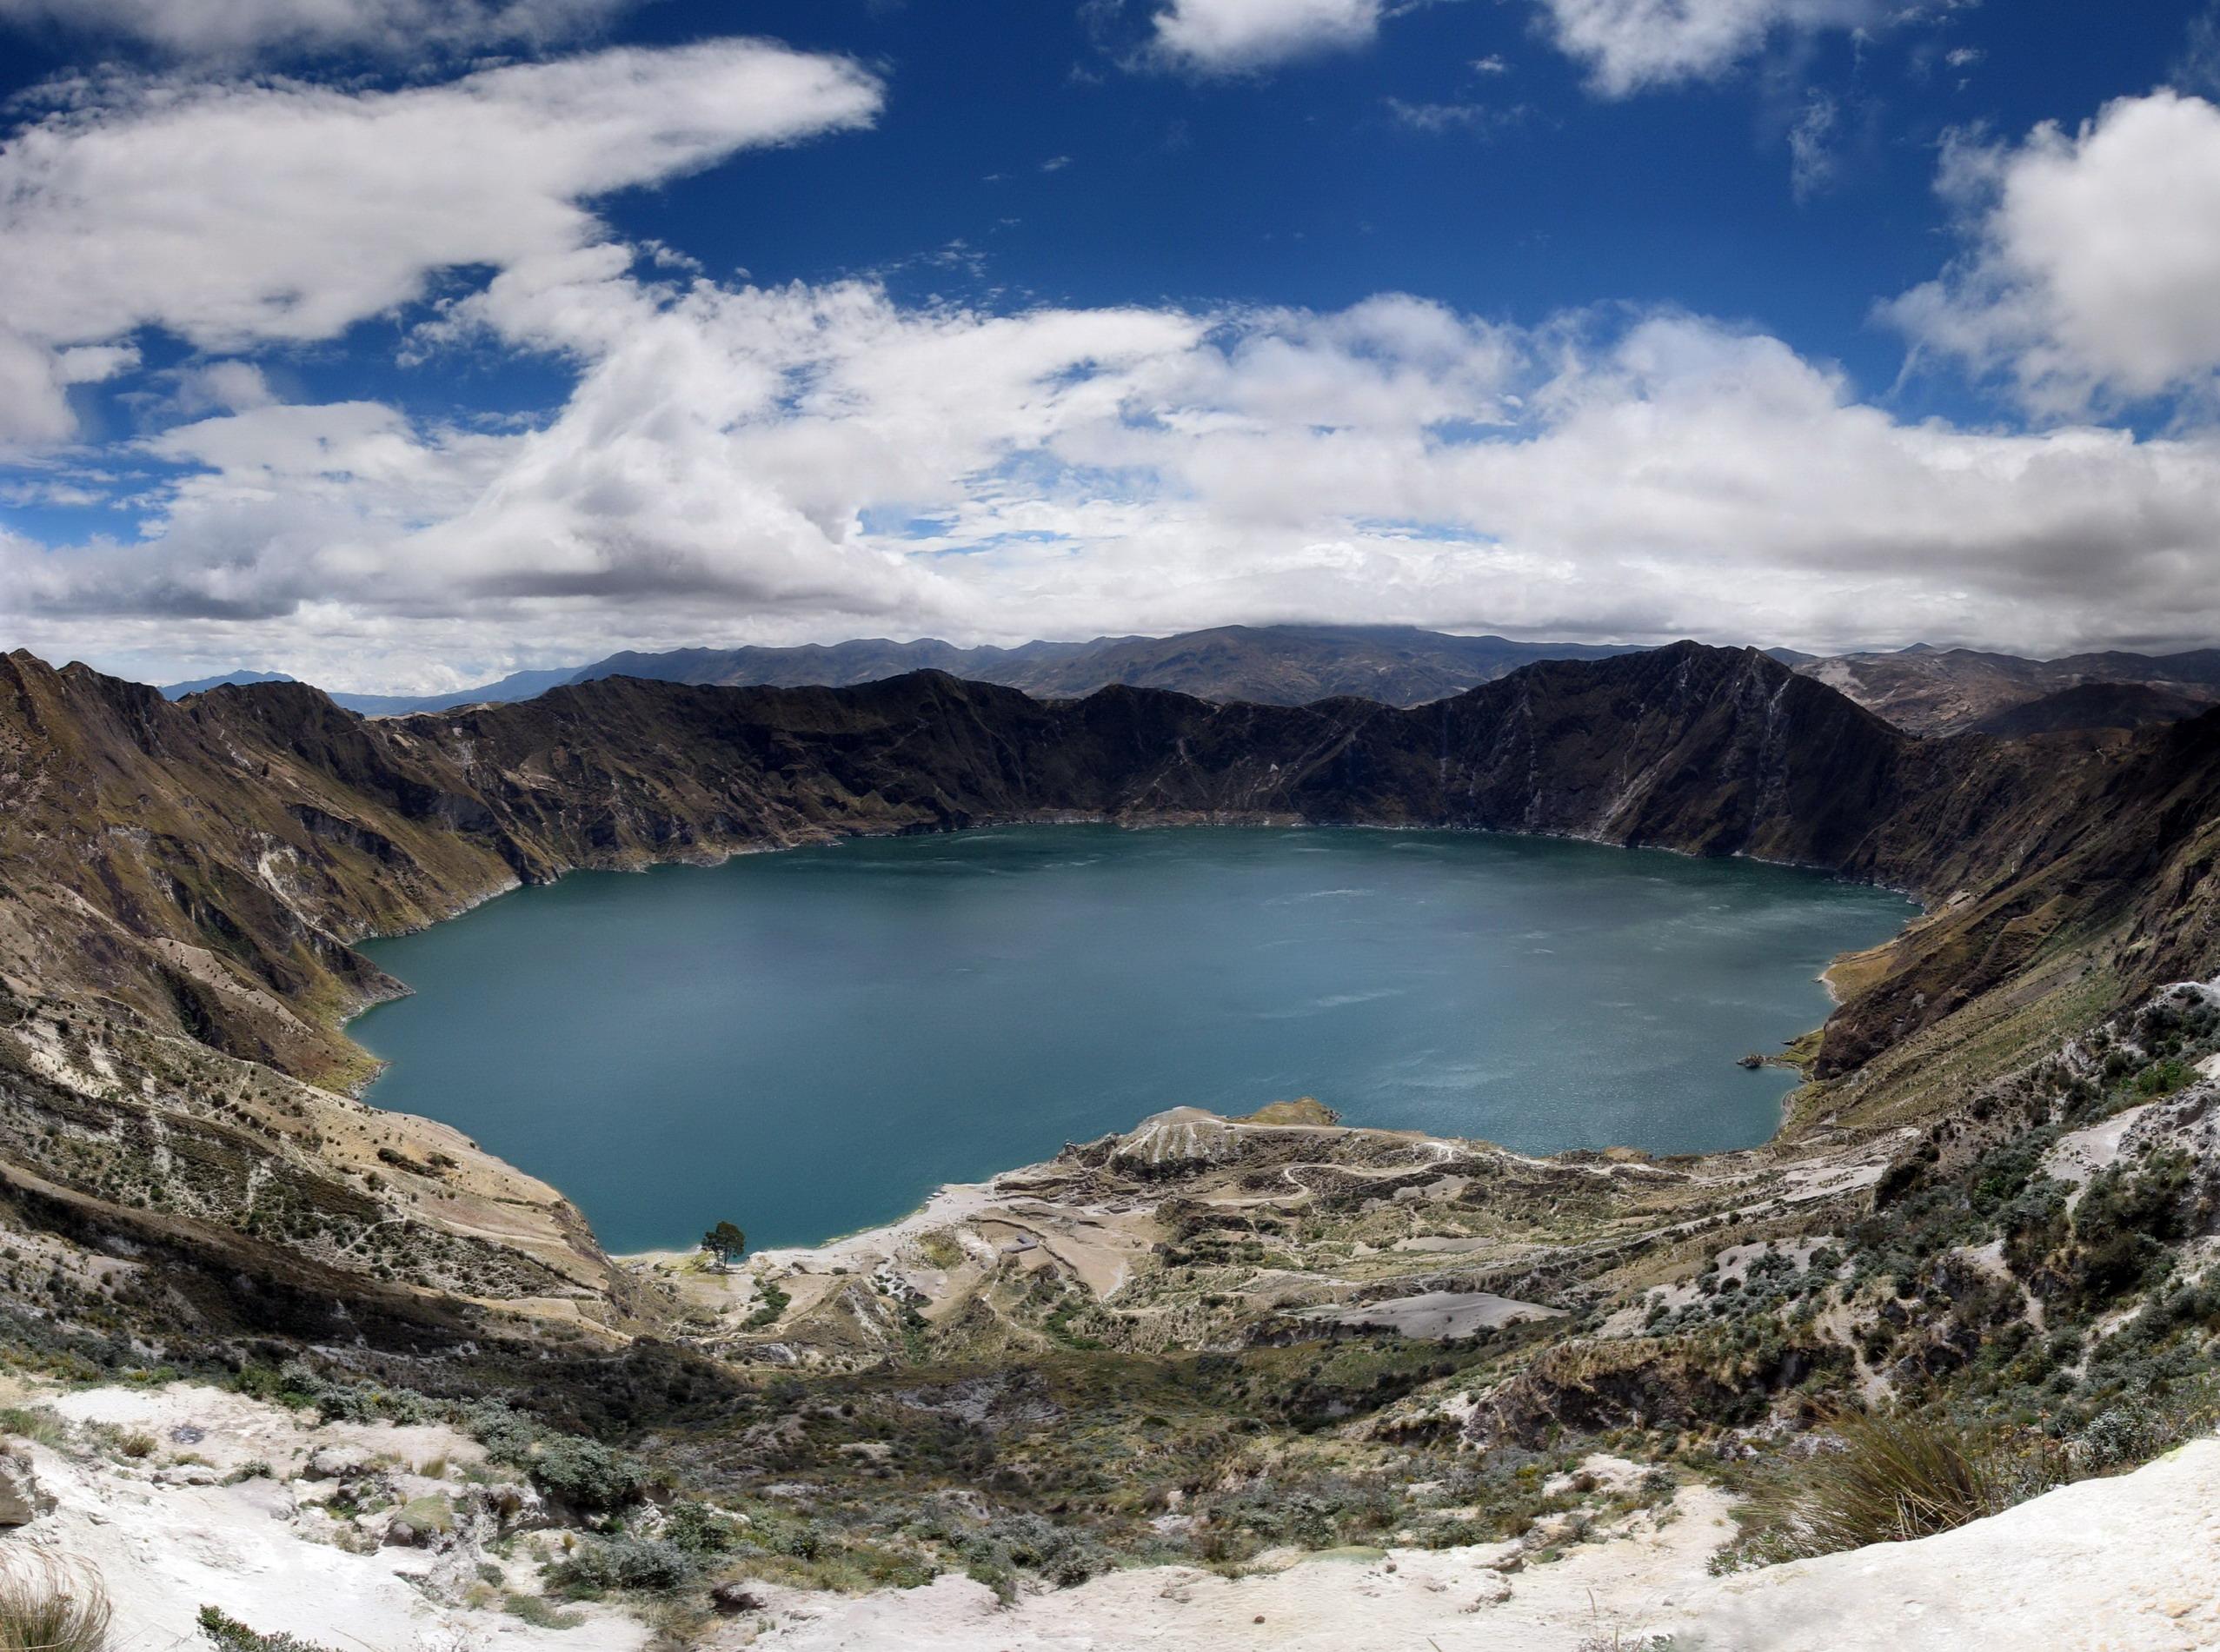 Circuito Quilotoa : Ecuador ecuador tour guidati escursioni offerte viaggi organizzati